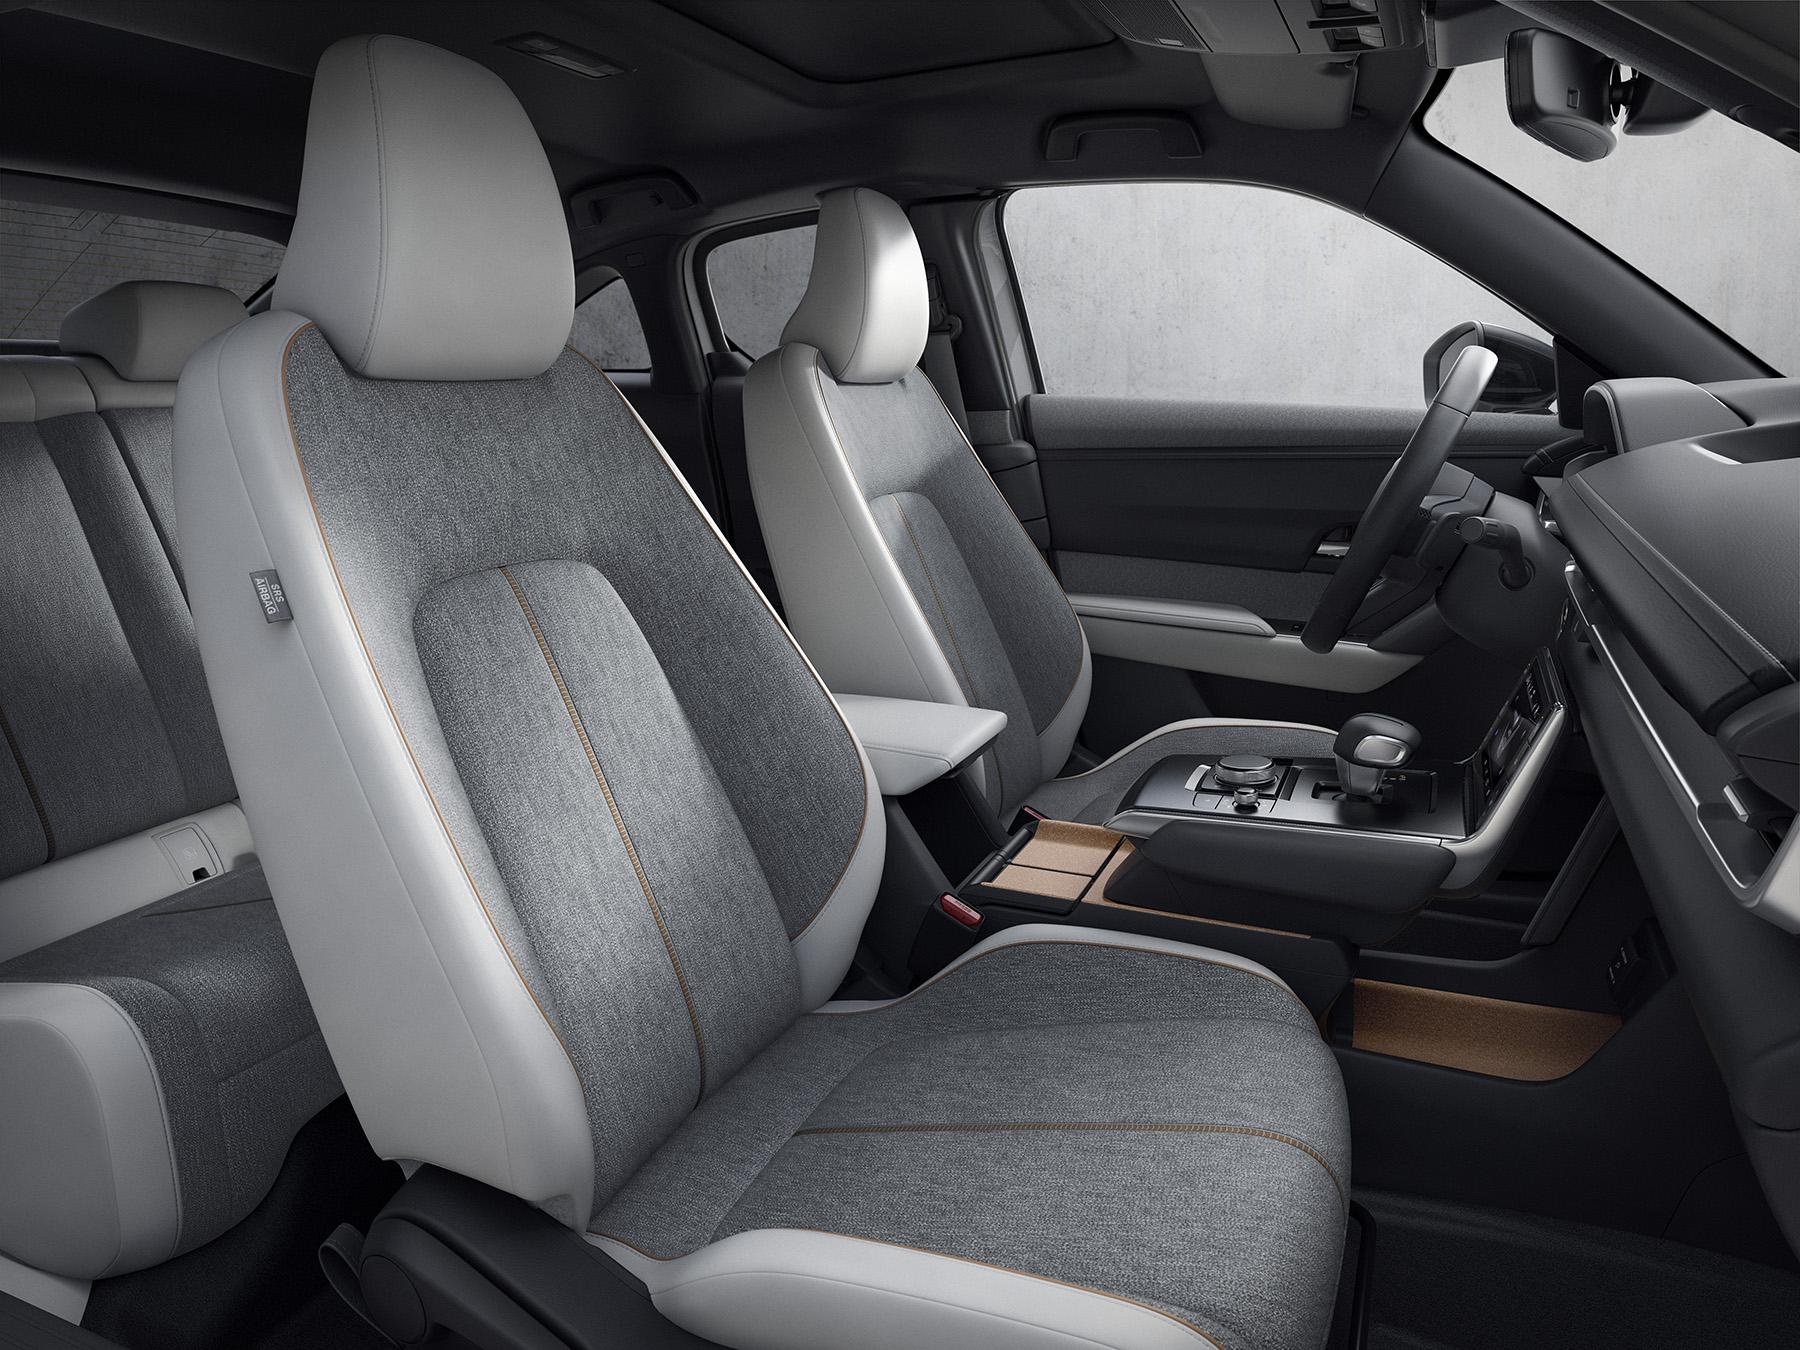 Interior of the 2022 Mazda MX 30